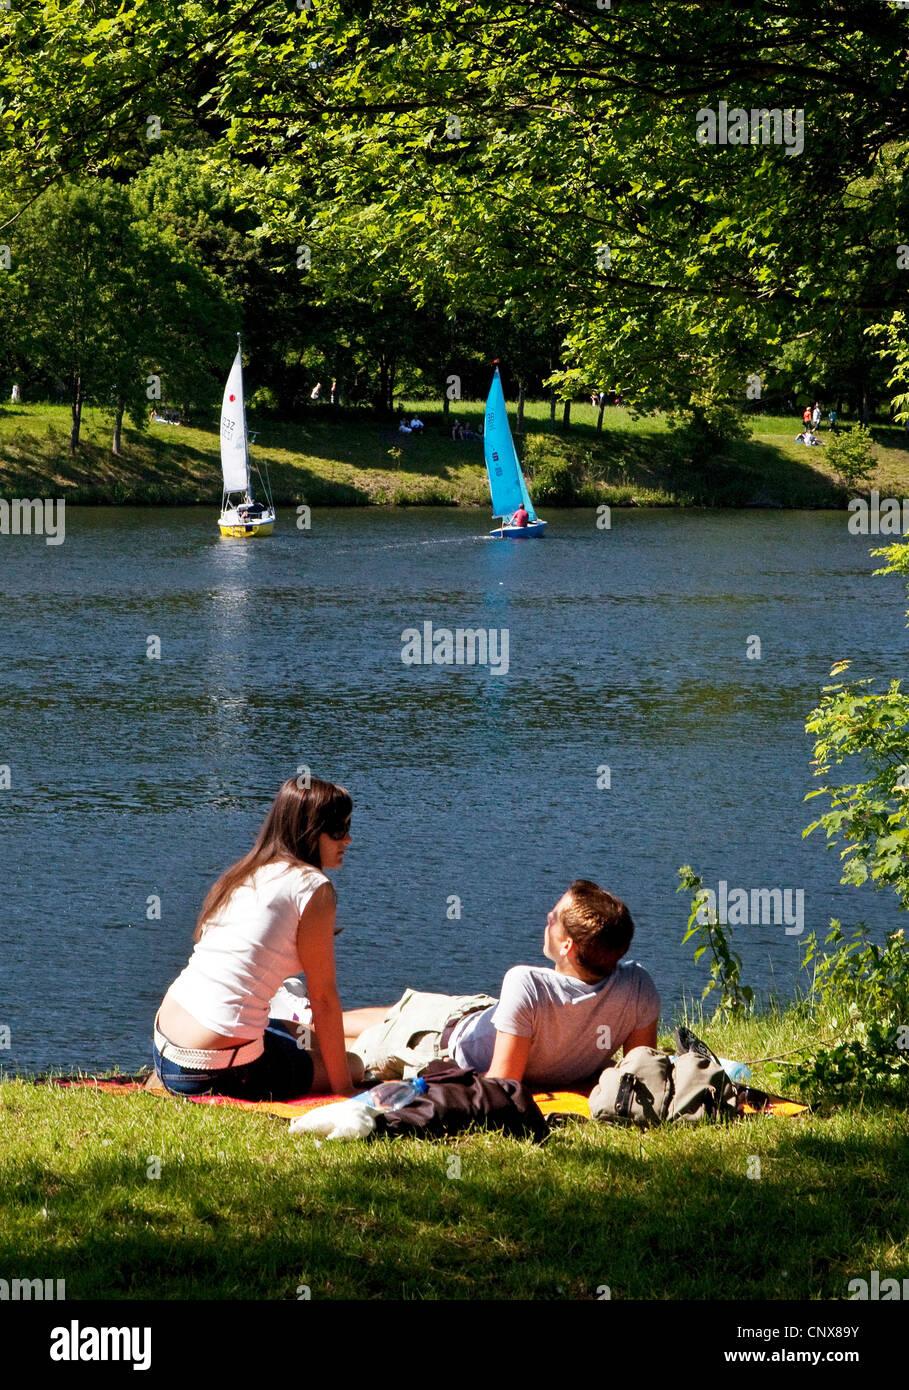 young copule sunbathing at lake Kemande, Kemnader See , Germany, North Rhine-Westphalia, Ruhr Area, Witten - Stock Image